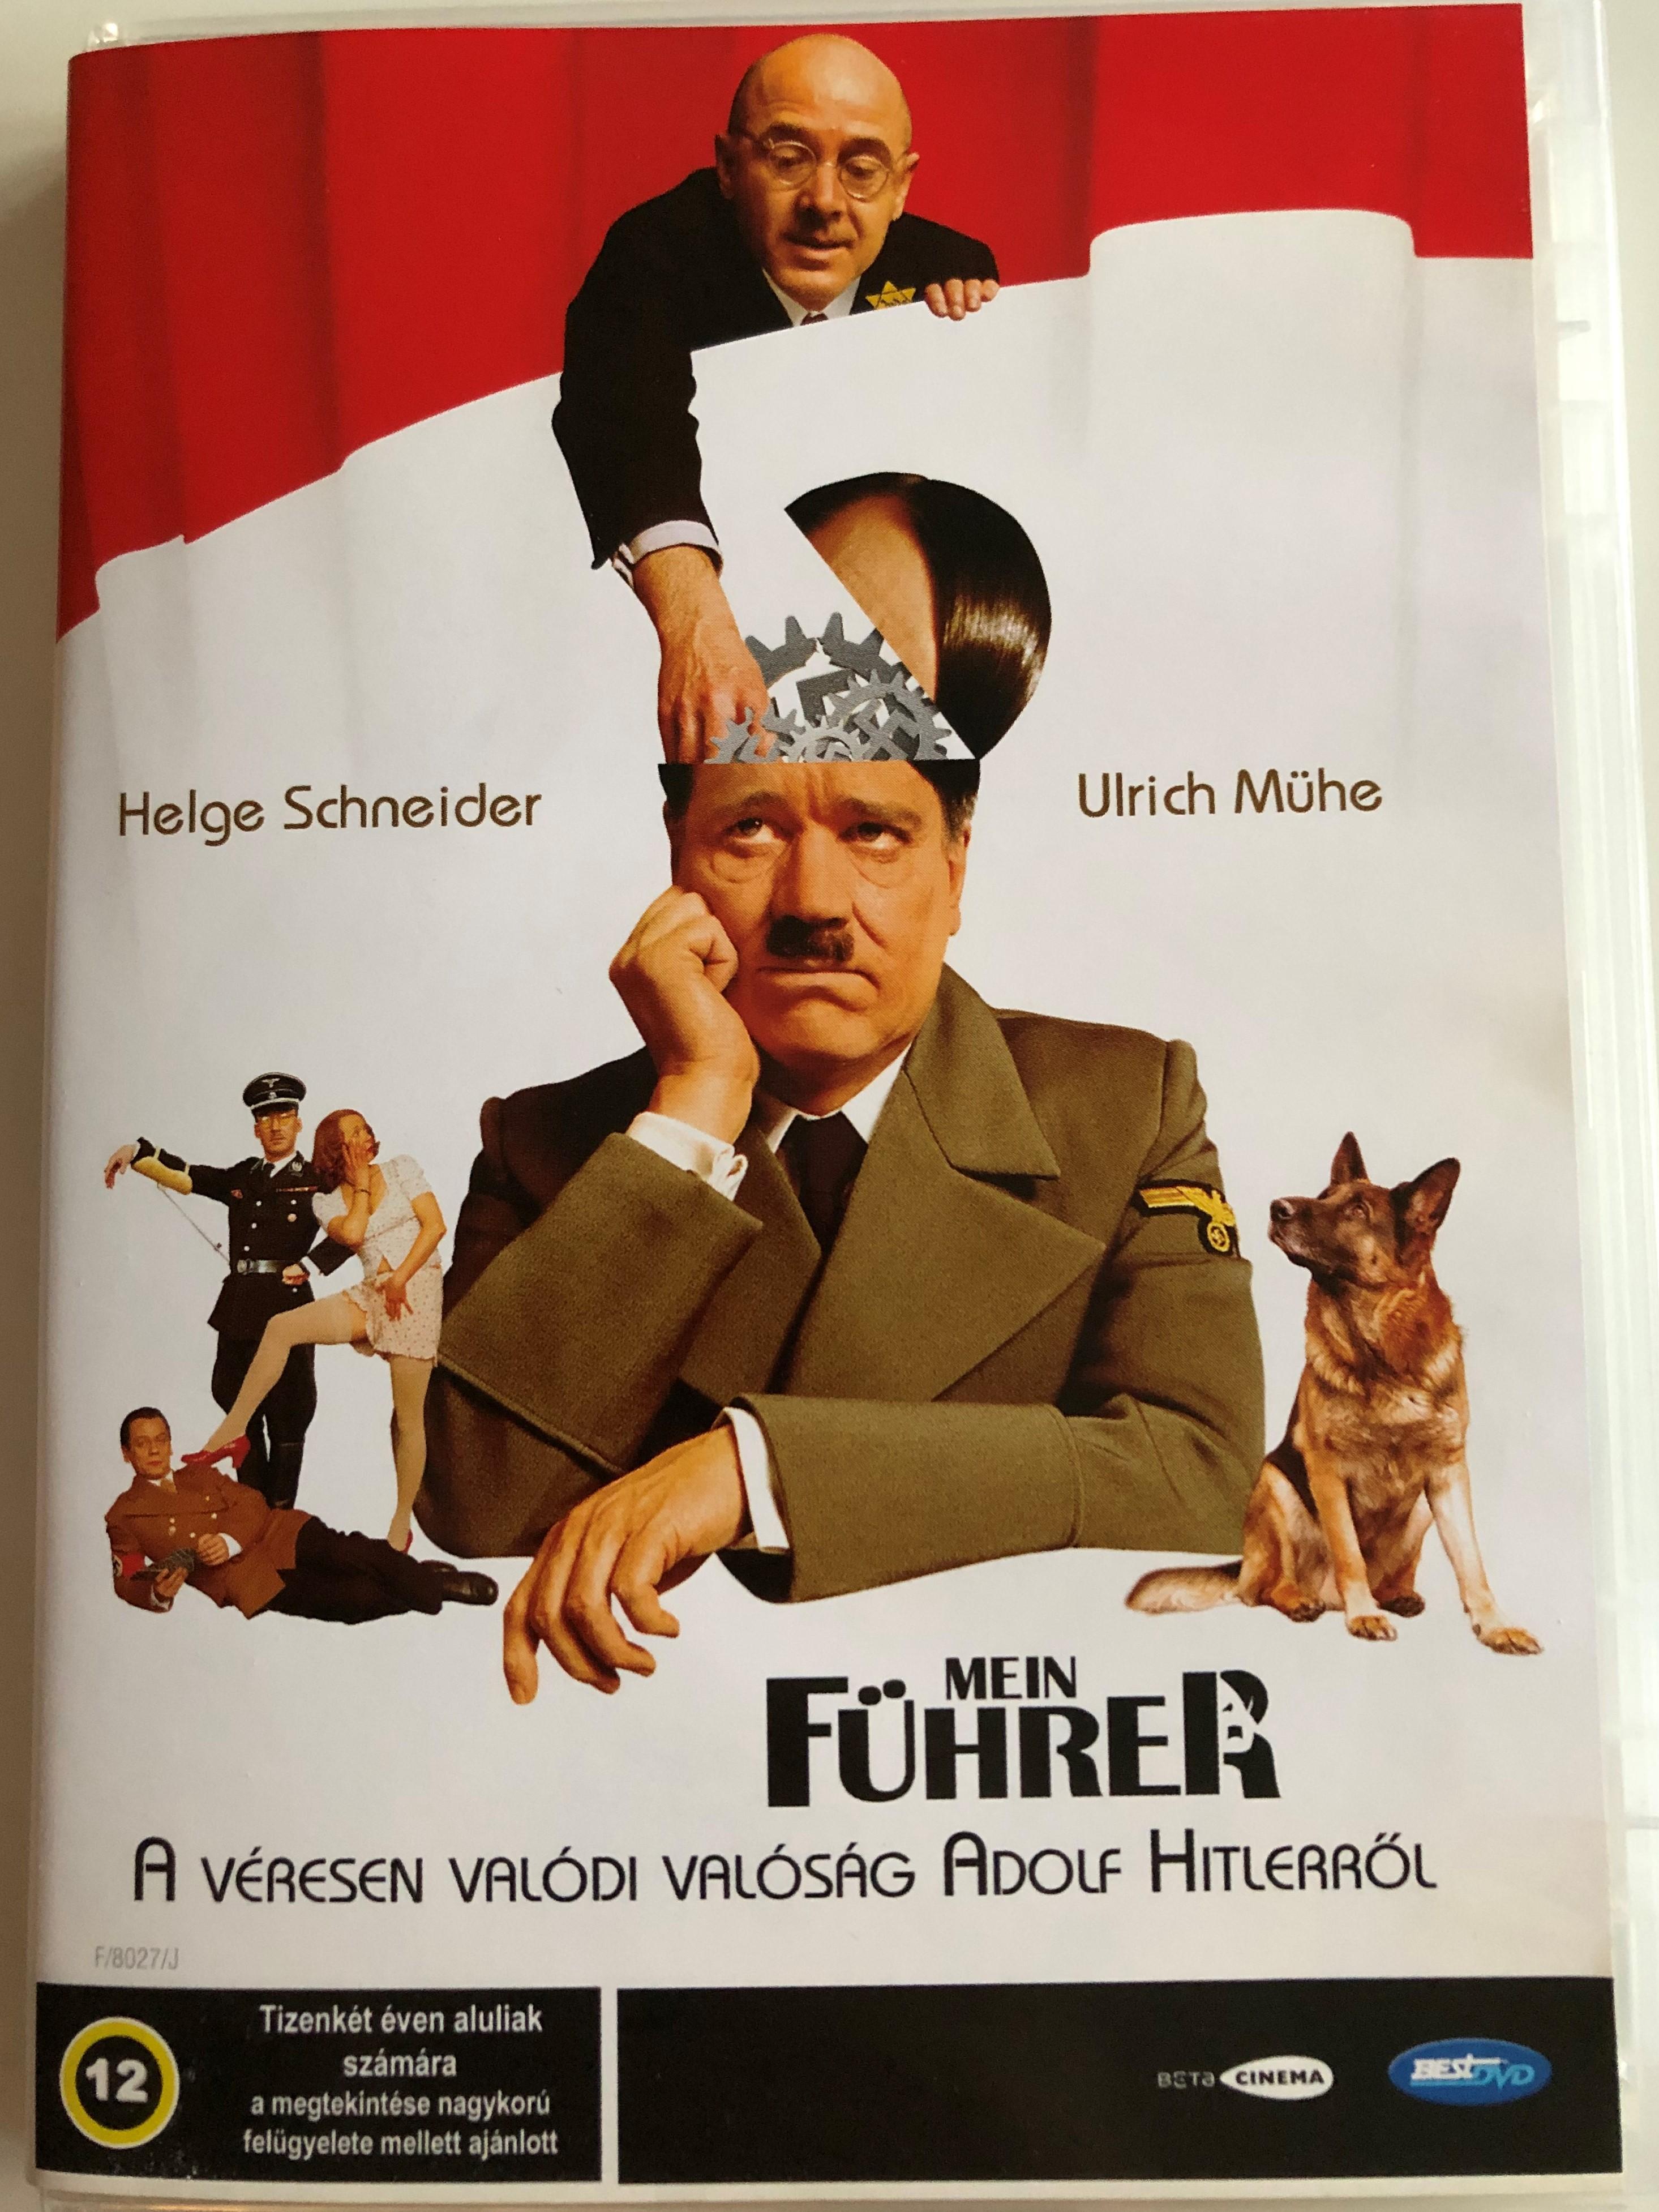 mein-f-hrer-dvd-2007-die-wirklich-wahrste-wahrheit-ber-adolf-hitler-1.jpg